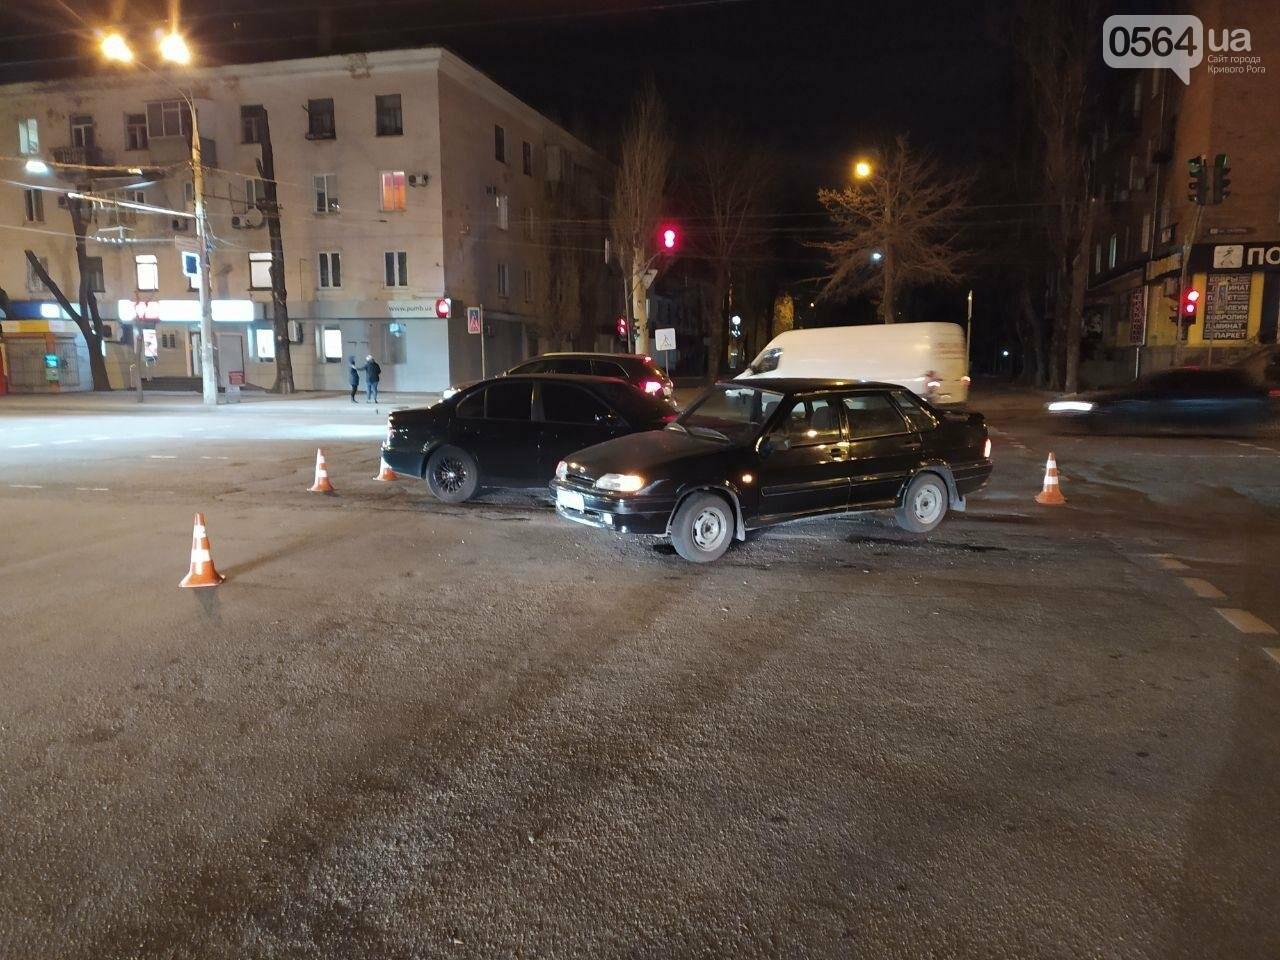 """ДТП в Кривом Роге: на пути BMW оказались """"Жигули"""", - ФОТО, фото-1"""